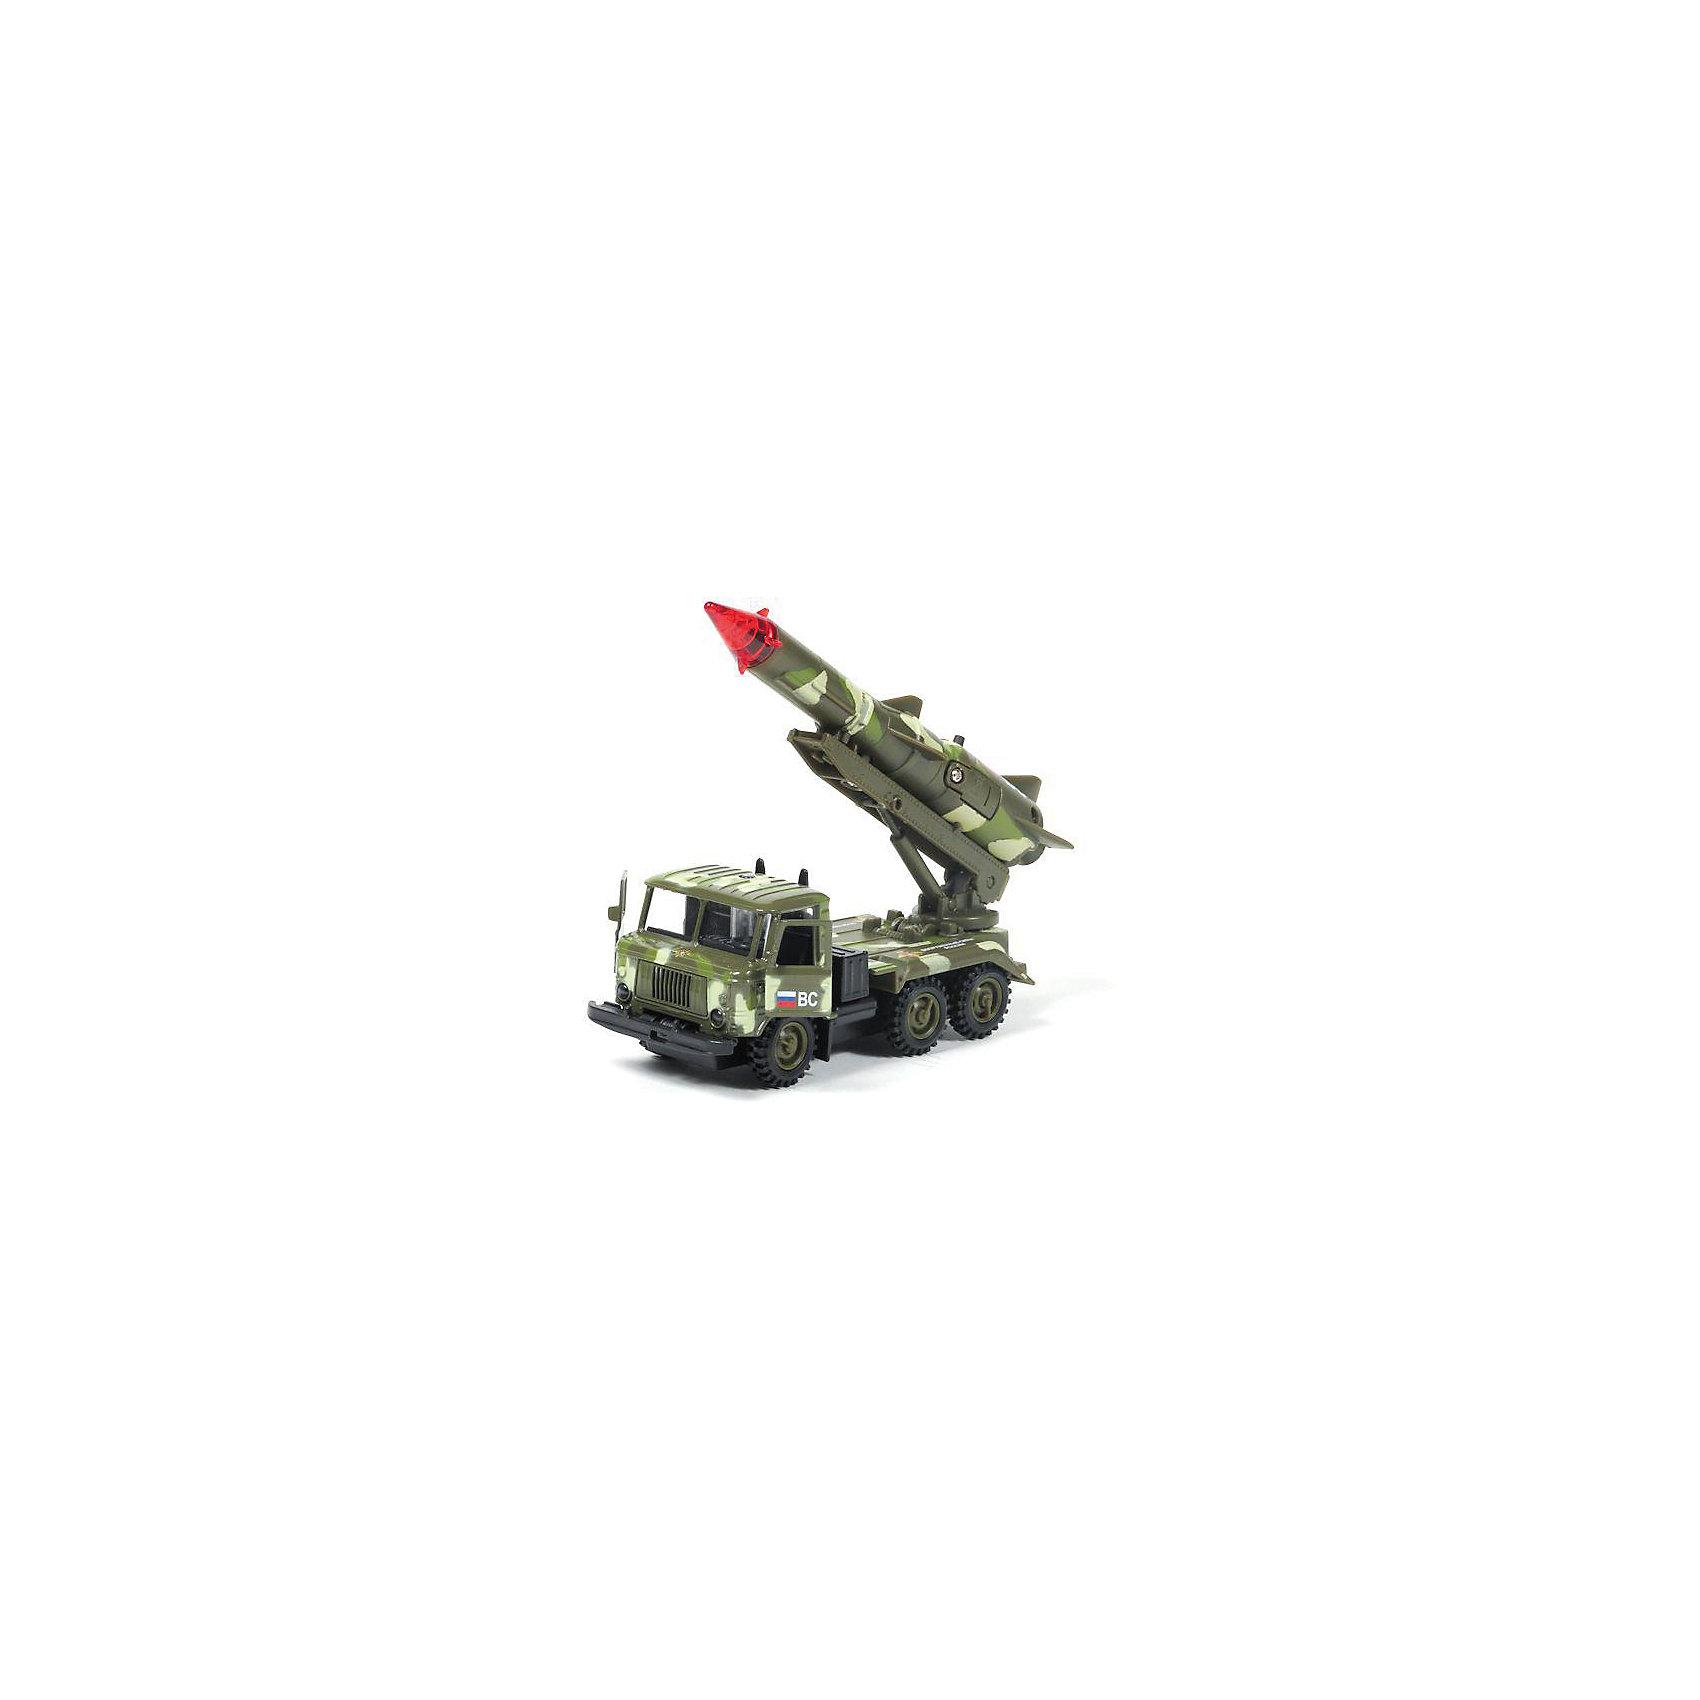 Машина ГАЗ 66: Ракета Военные силы, 1:43, со светом и звуком, ТЕХНОПАРКМашина ГАЗ 66: Ракета Военные силы, 1:43, со светом и звуком, ТЕХНОПАРК – это тщательно проработанная игровая и коллекционная модель.<br>Коллекционная модель ГАЗ 66: Ракета Военные силы - миниатюрная копия настоящего автомобиля. Модель, оборудованная светящейся боеголовкой и инерционным механизмом, украсит любую коллекцию моделей военной техники. Помимо светового, она оснащена еще и звуковым модулем, издающим характерный сигнал. Ракета поднимается и опускается. Двери машины открываются. Корпус машины металлический.<br><br>Дополнительная информация:<br><br>- Масштаб: 1:43<br>- Материал: металл, пластик<br>- Цвет: хаки<br>- На батарейках<br>- Размер упаковки: 21х15х6см.<br>- Вес: 220 гр.<br><br>Машину ГАЗ 66: Ракета Военные силы, 1:43, со светом и звуком, ТЕХНОПАРК можно купить в нашем интернет-магазине.<br><br>Ширина мм: 210<br>Глубина мм: 60<br>Высота мм: 160<br>Вес г: 220<br>Возраст от месяцев: 36<br>Возраст до месяцев: 120<br>Пол: Мужской<br>Возраст: Детский<br>SKU: 4077251